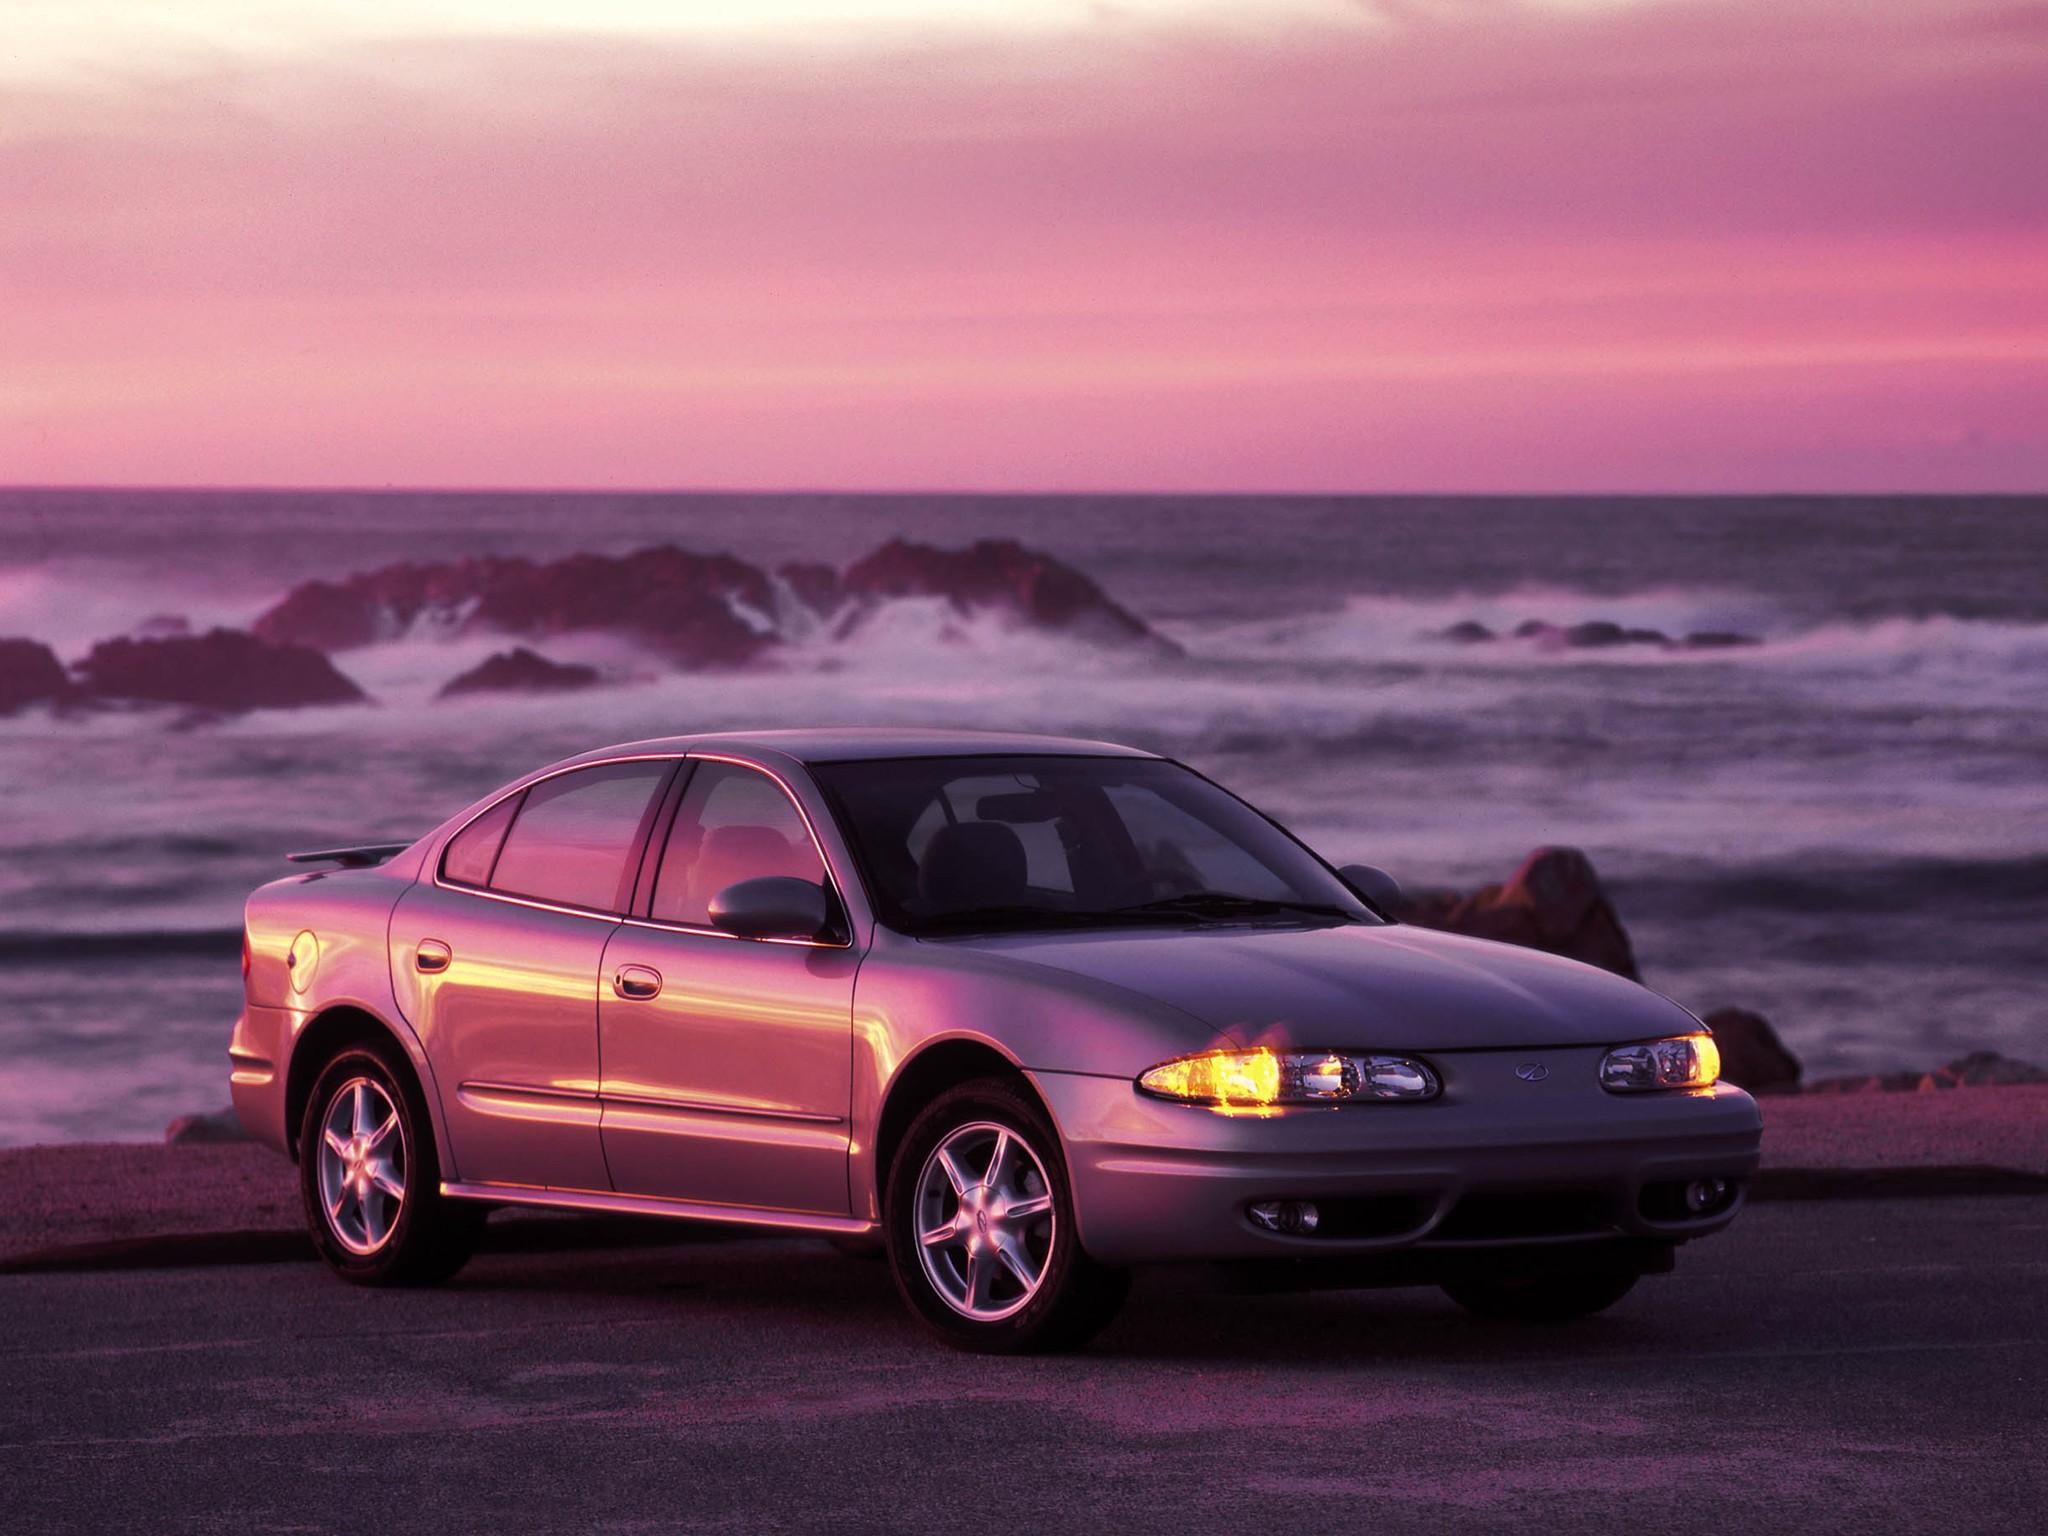 ... OLDSMOBILE Alero sedan (1999 - 2004) ...